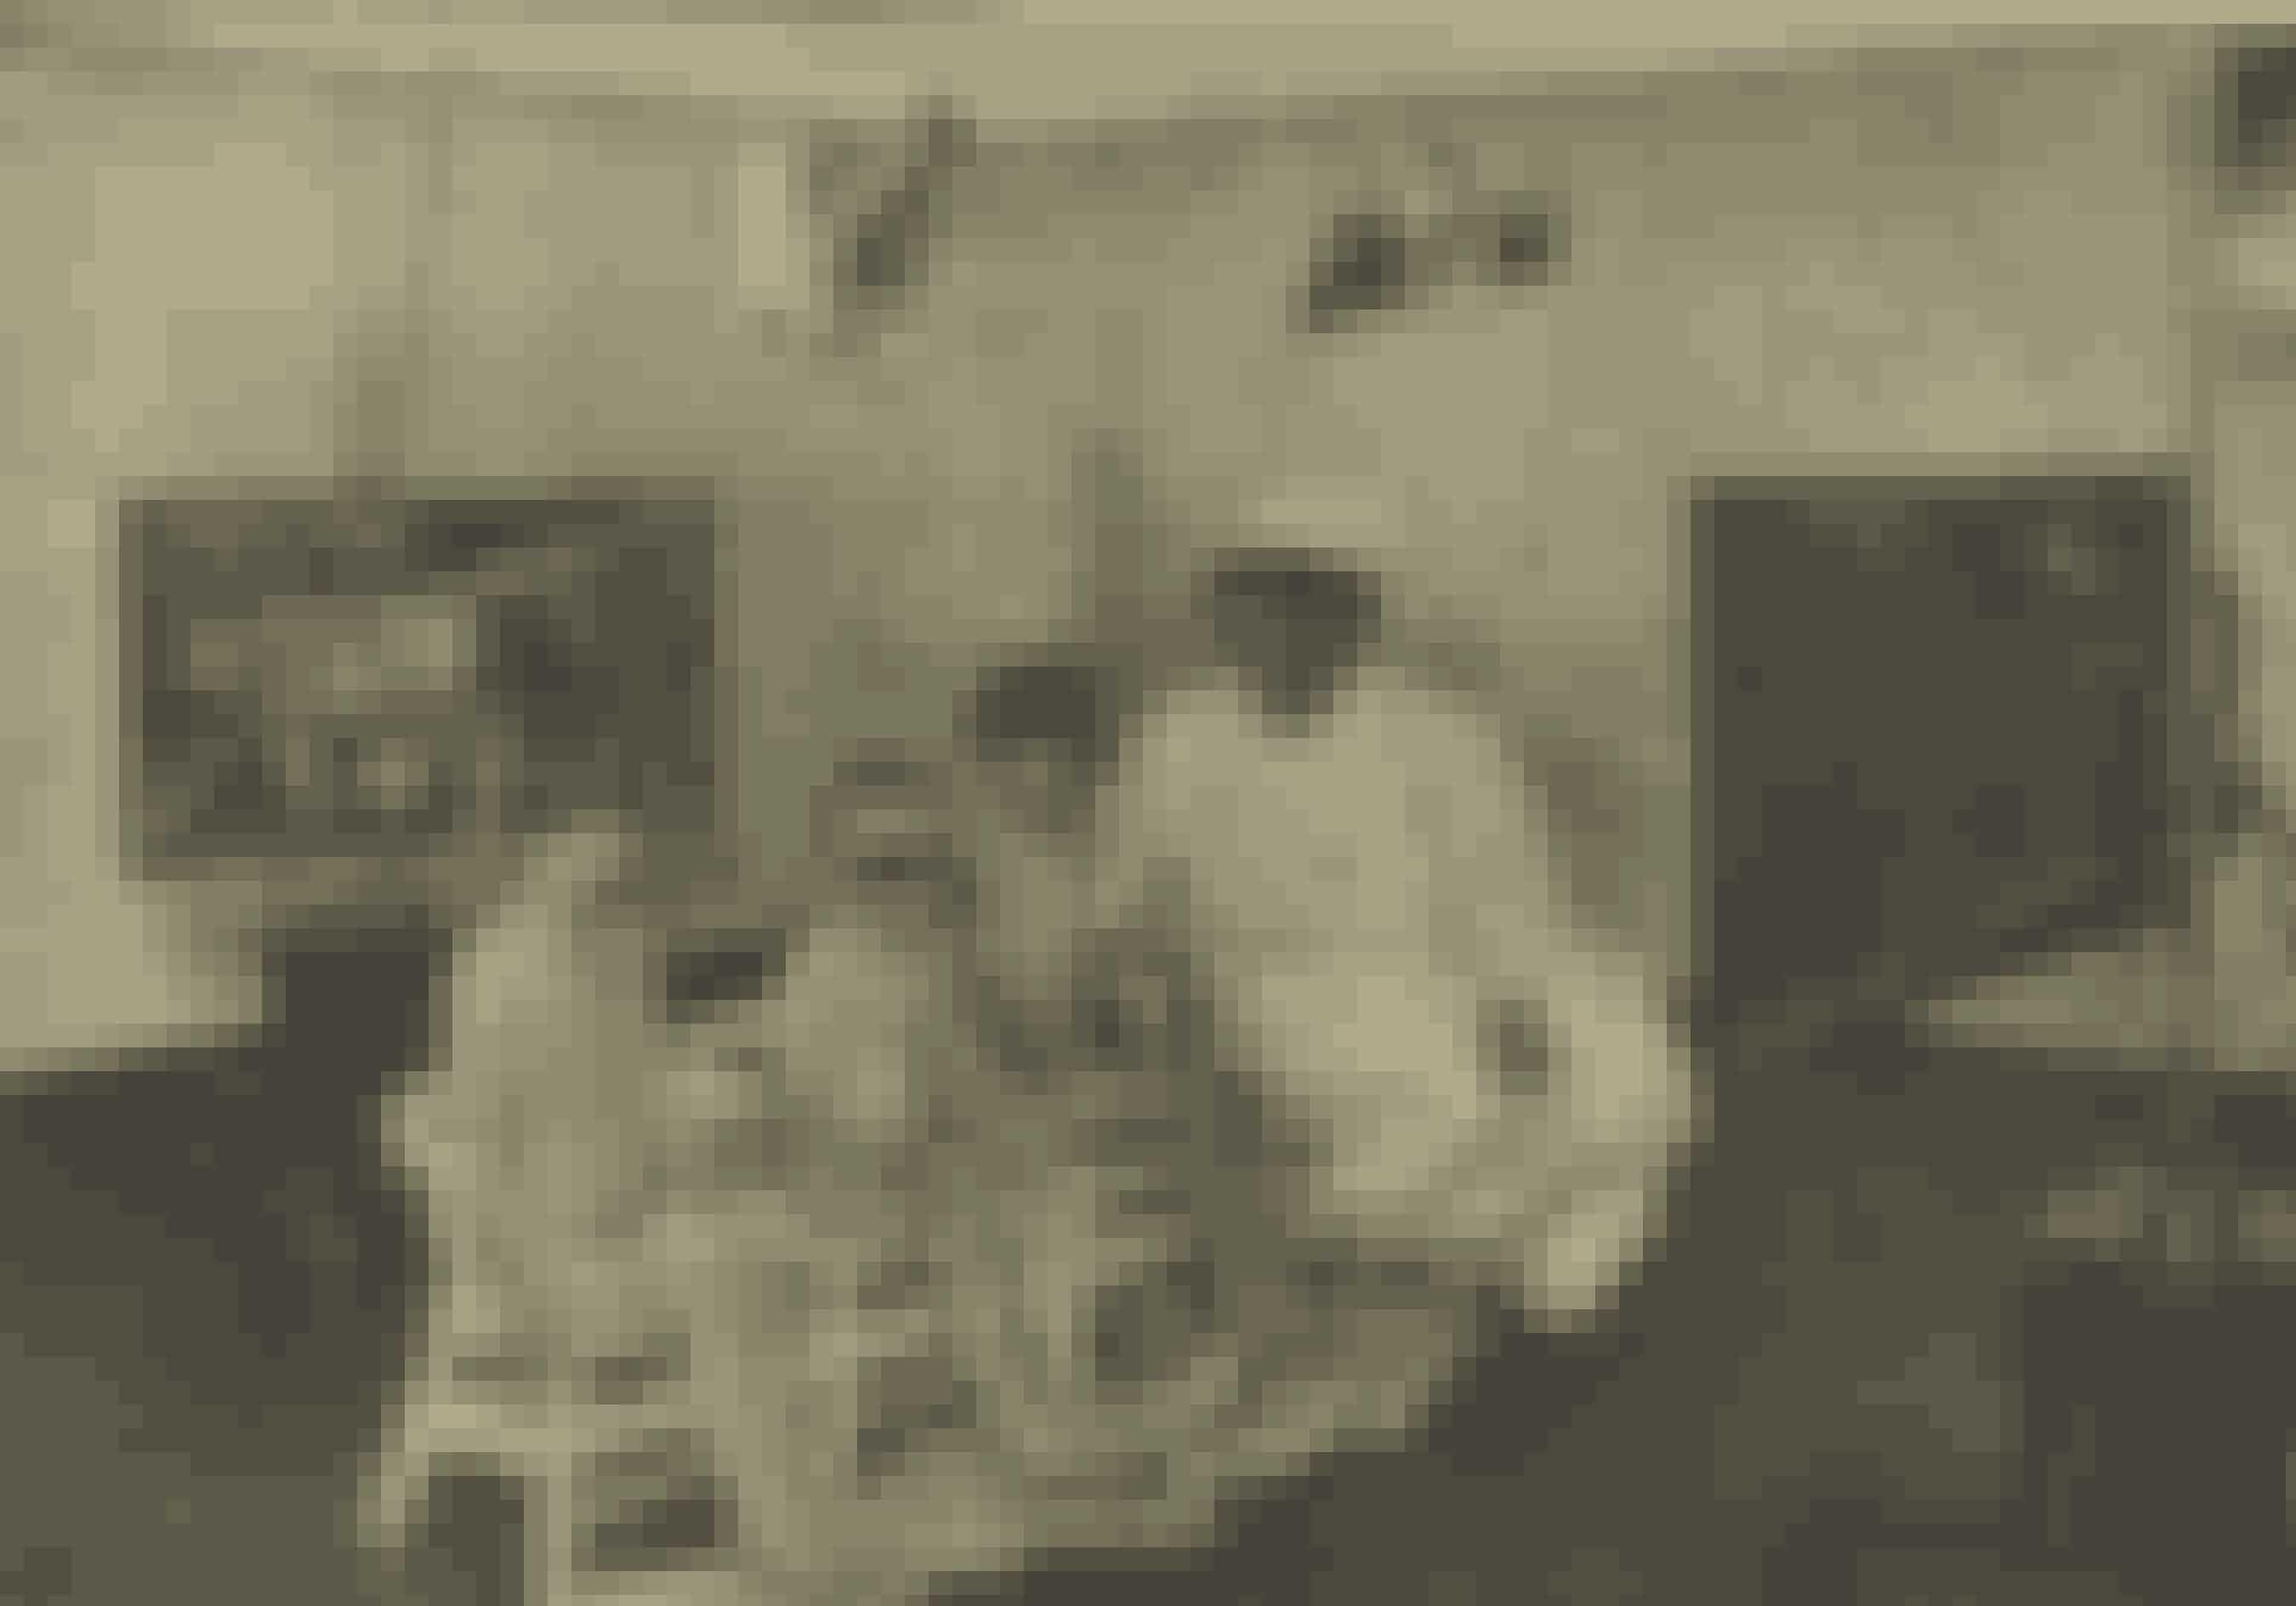 Allerede i 1929 havde man opdaget, at solens stråler ikke alene kunne være farlige, men at de også var livgivende og hjalp på sygdomme som f.eks. psoriasis. Her sidder tre blege børn og en rar sygeplejerske klar med beskyttelsesbriller til at få en dosis kunstigt kulbuelys.